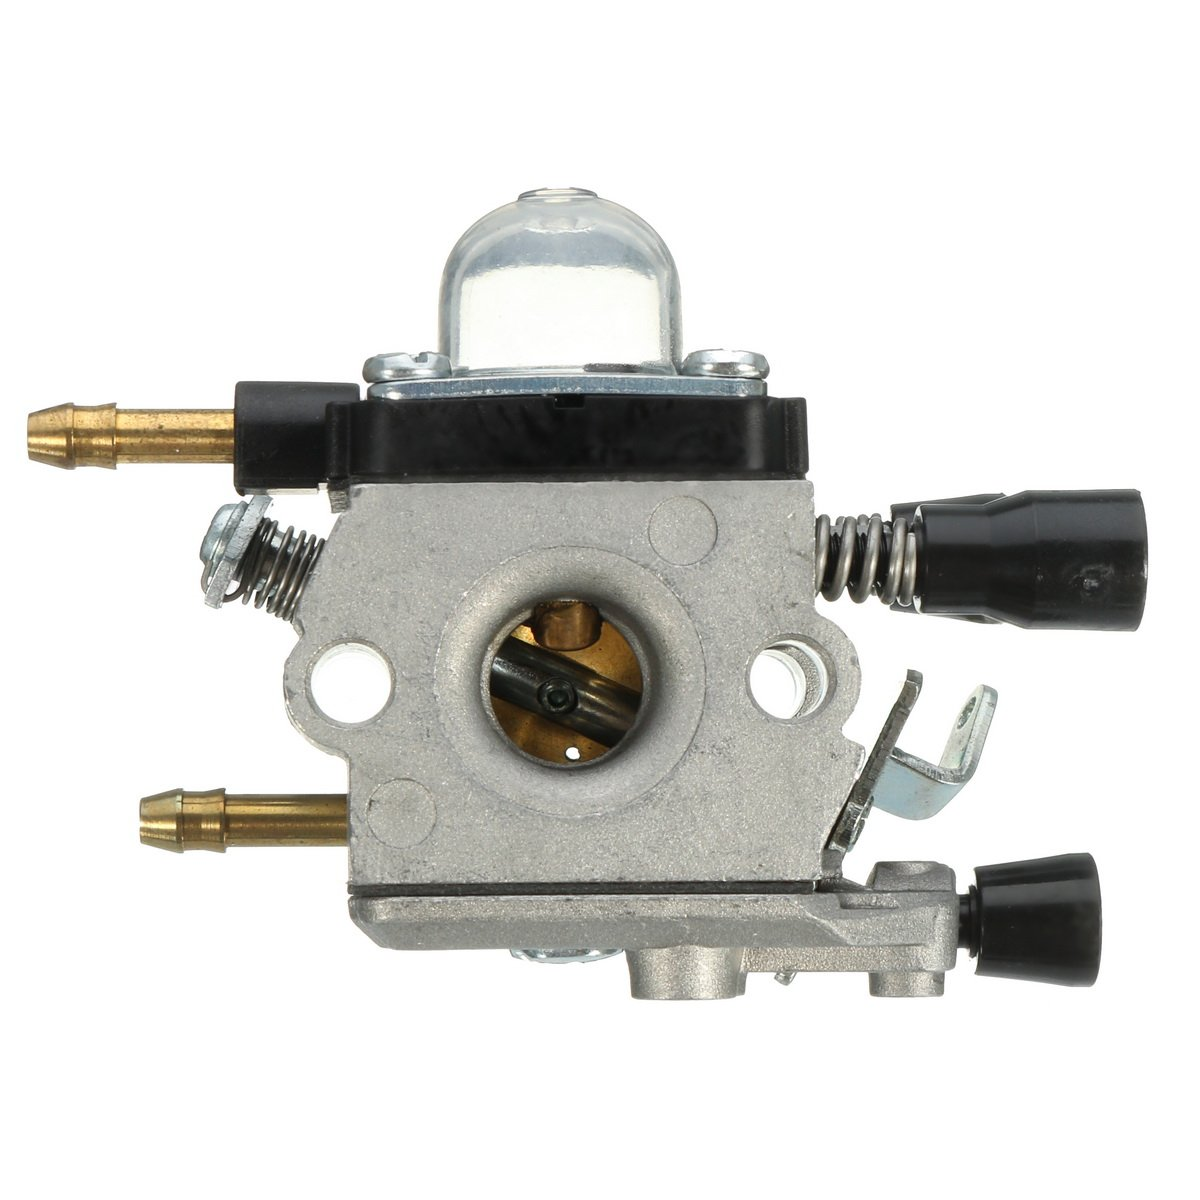 Alamor Kit De Junta Del Carburador Para Stihl Bg55 Bg65 Bg85 Sh55 Sh85 Zama C1Q-S68G C1Q-S68D